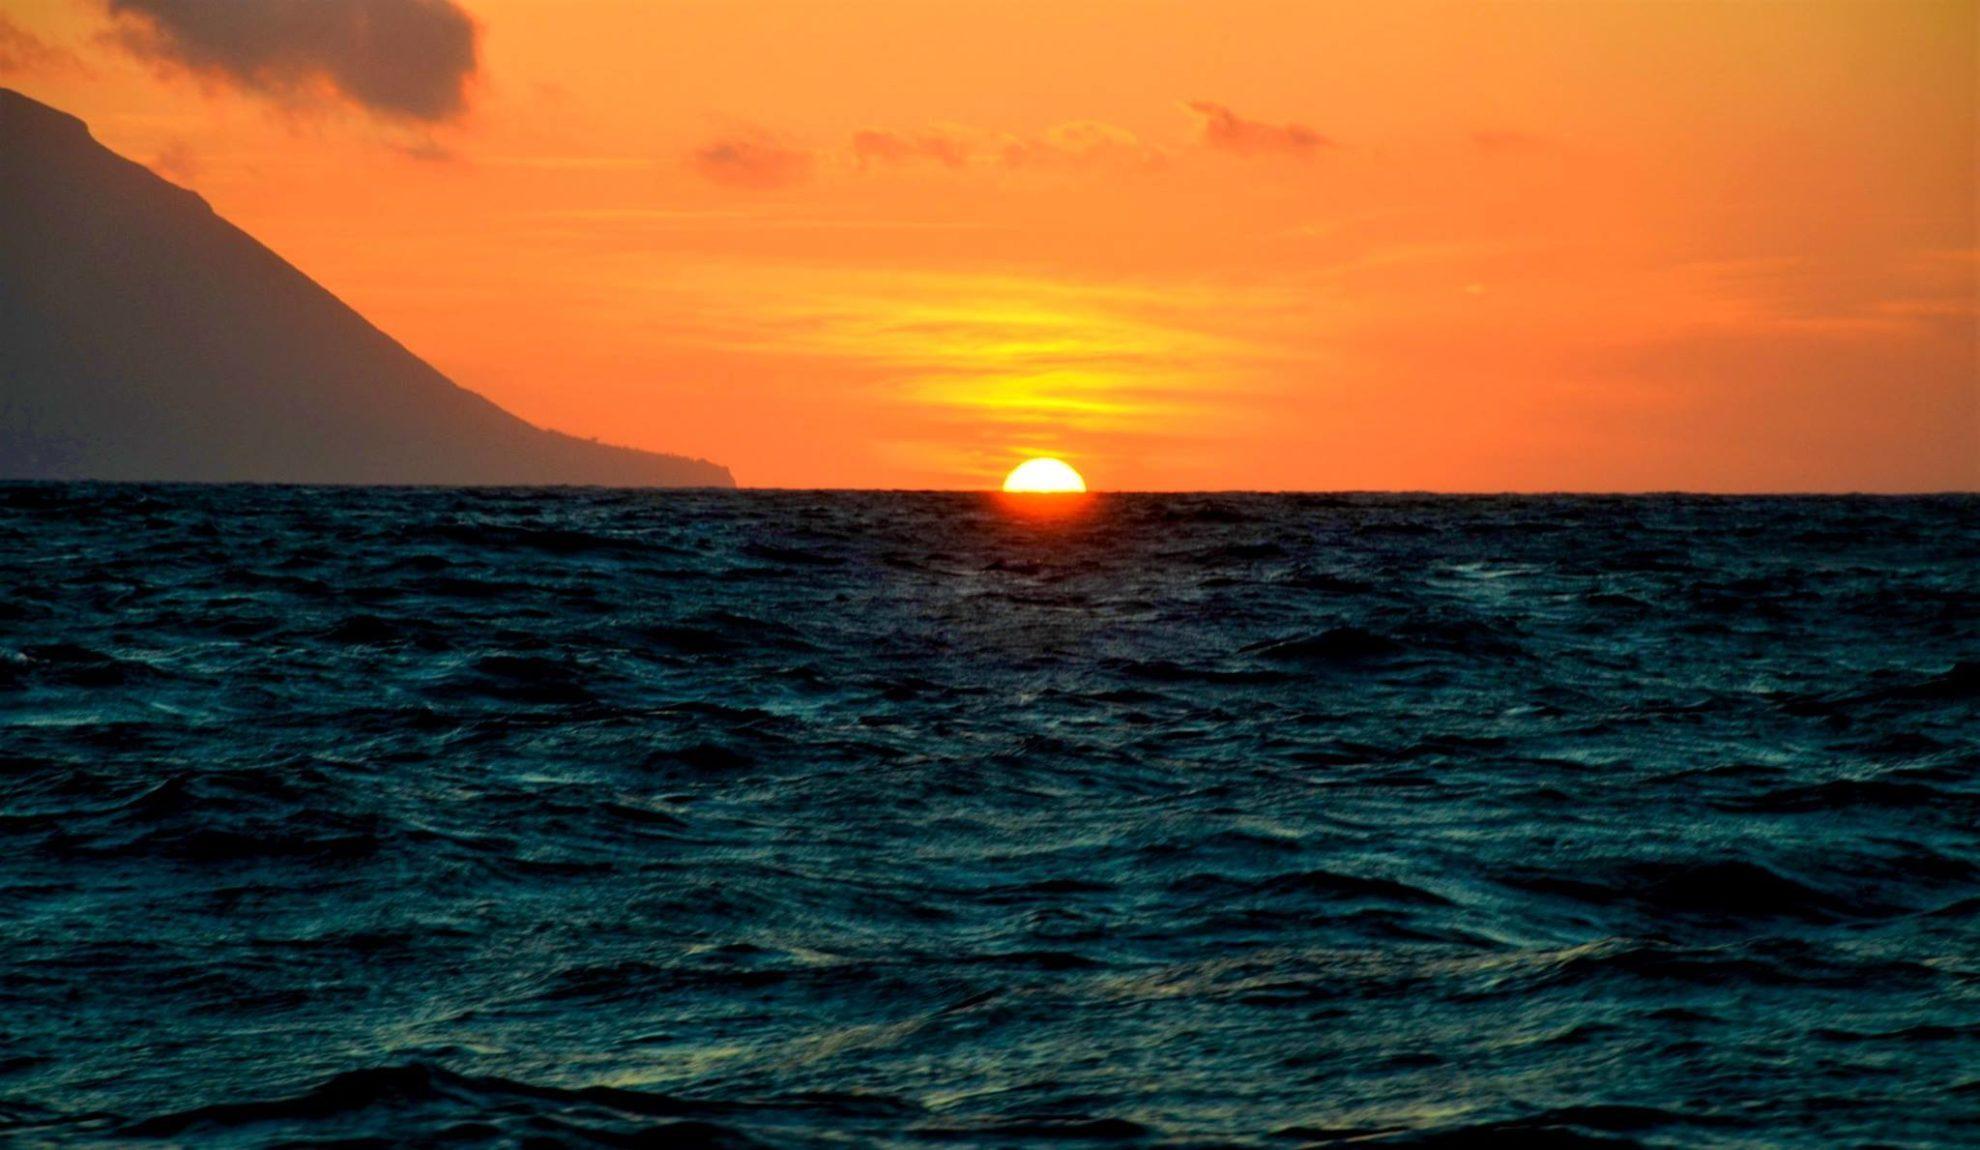 Закат. Остров Салина. Липарийские острова. Сицилия. Фото А. Подколзин